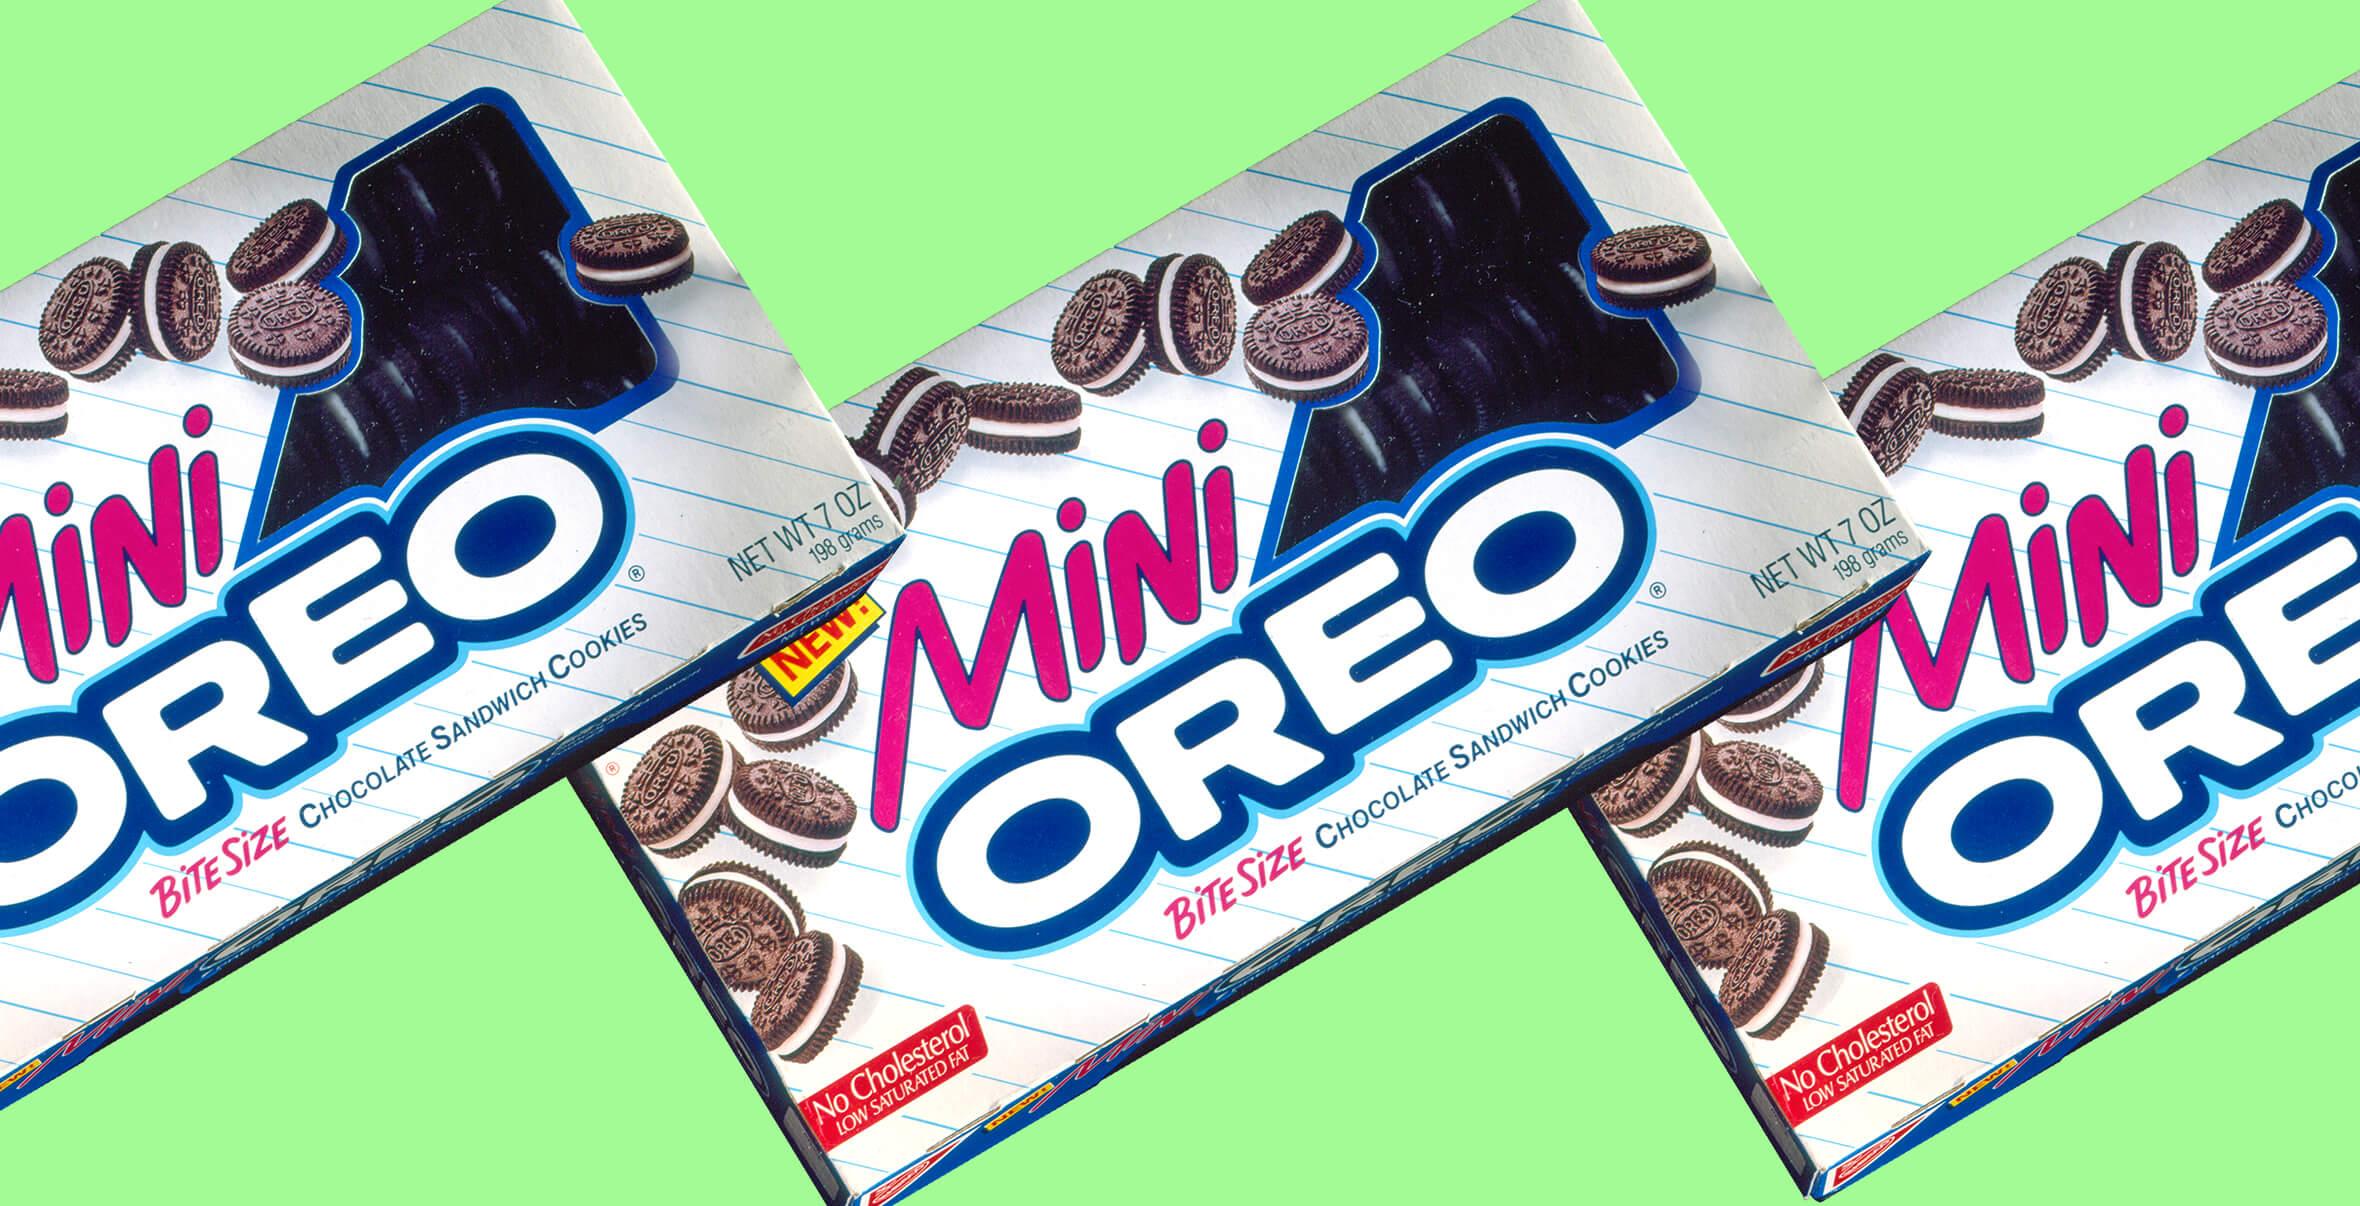 Nabisco Mini Oreo Logo and Packaging